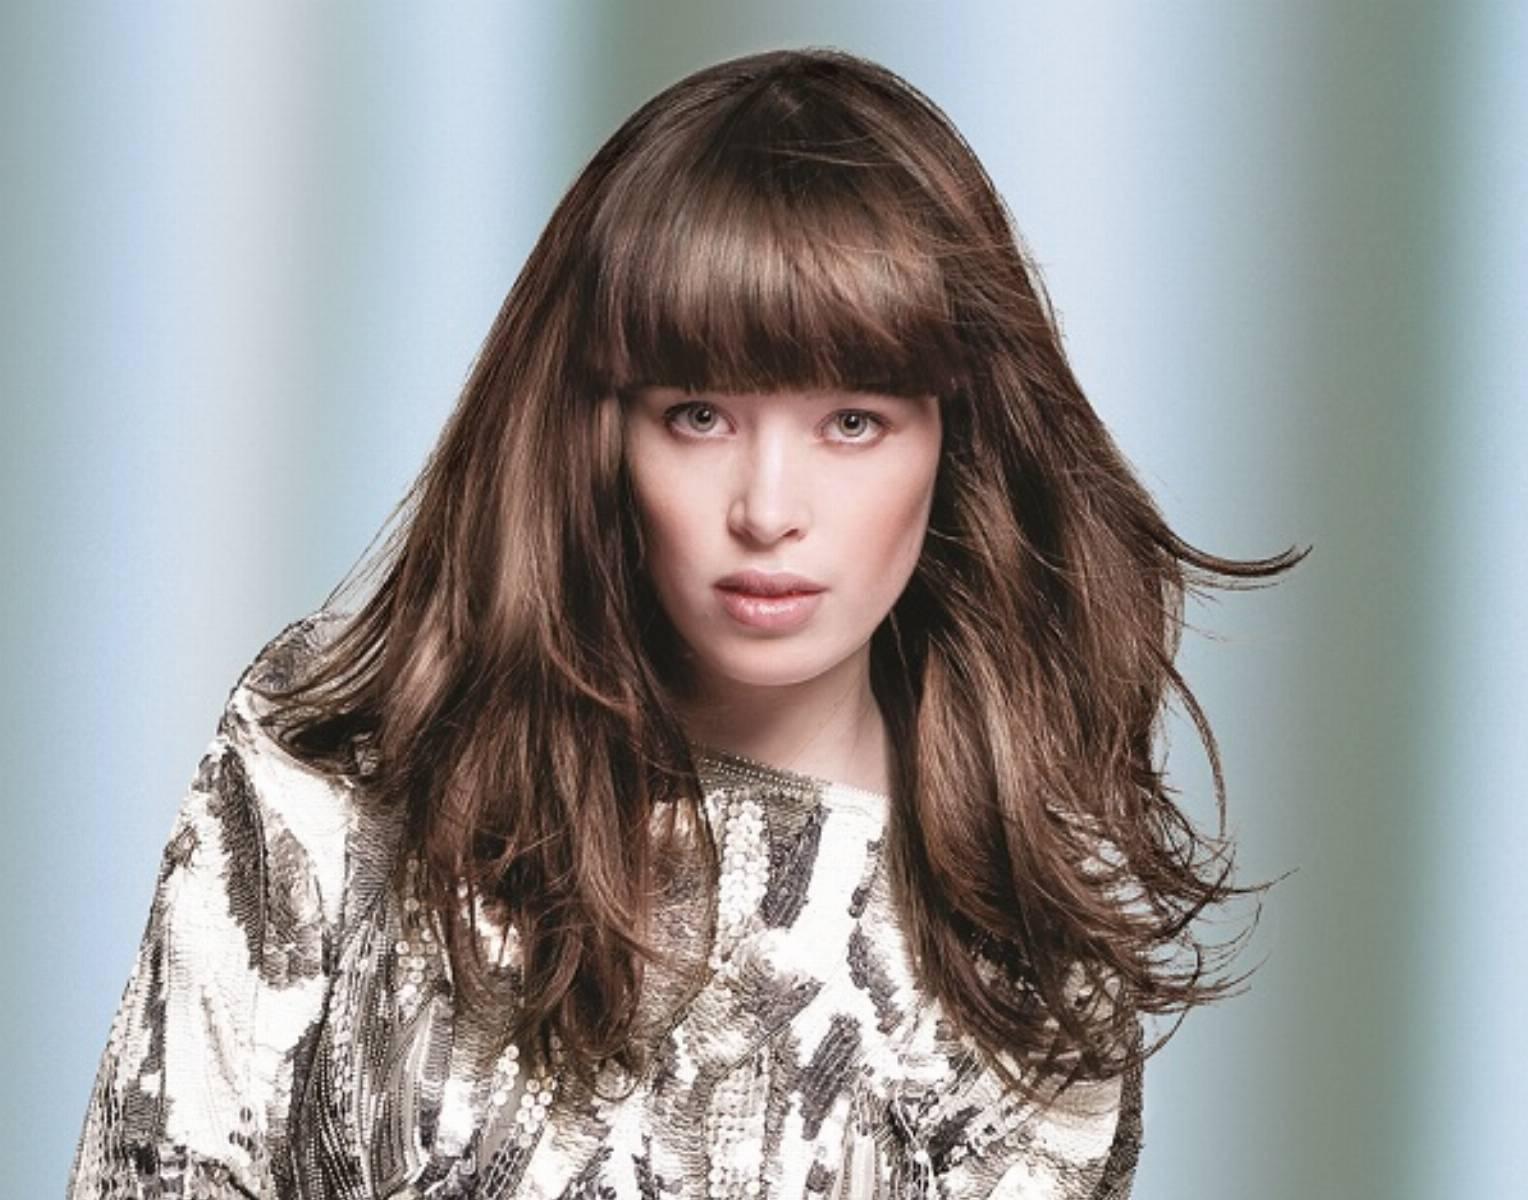 Czy Warto Doczepiać Włosy Włosy Doczepiane Zobacz Fryzury